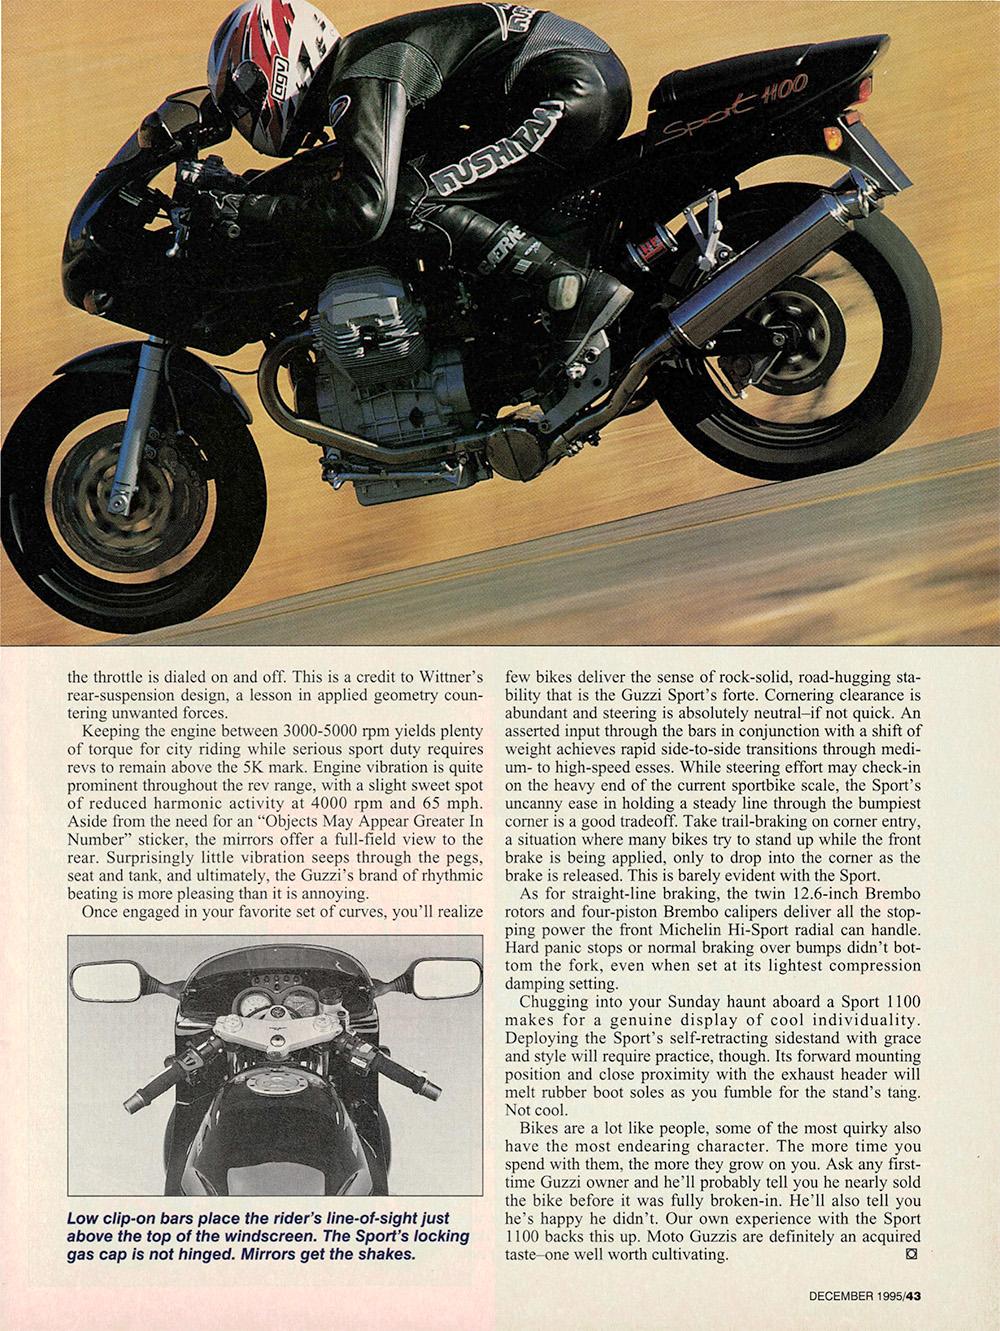 1995 Moto Guzzi Sport 1100 road test 4.jpg